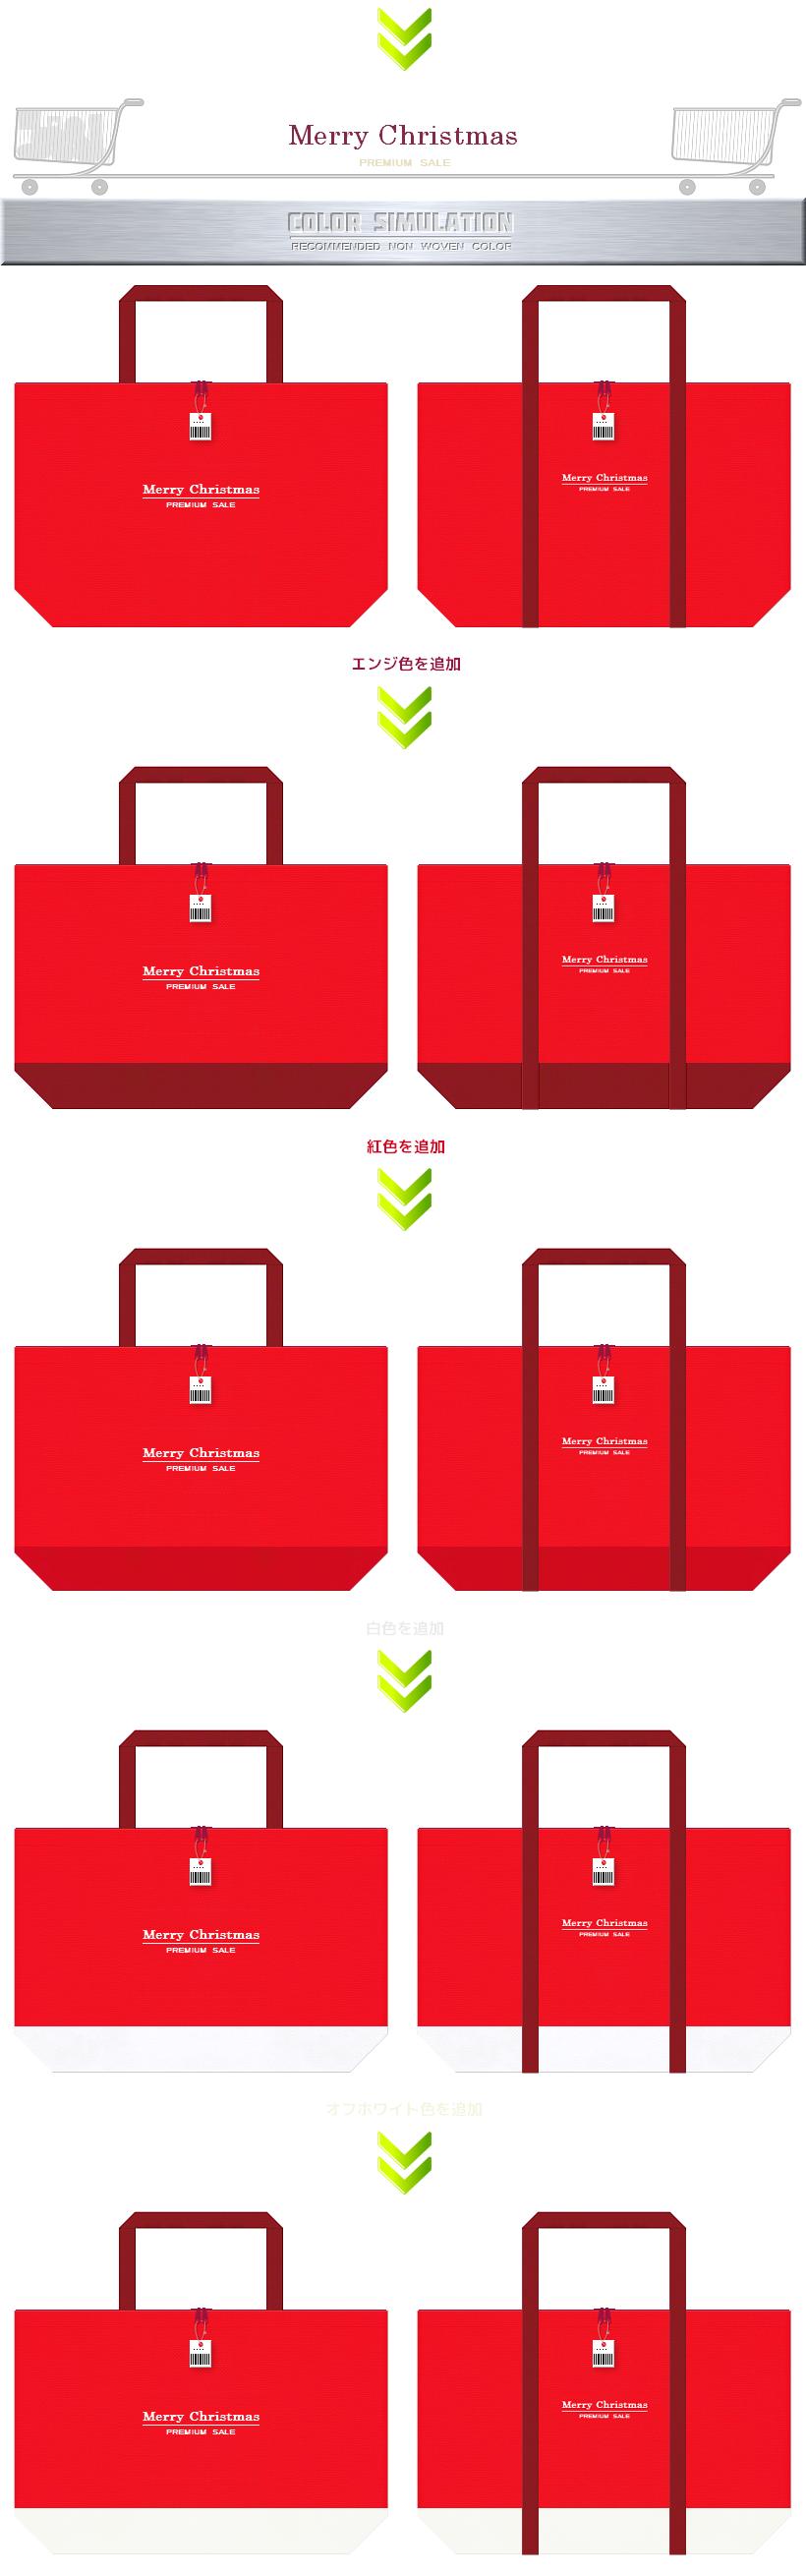 赤色・エンジ色・紅色・白色・オフホワイト色の不織布を使用した不織布バッグのデザイン:クリスマスセールのショッピングバッグ